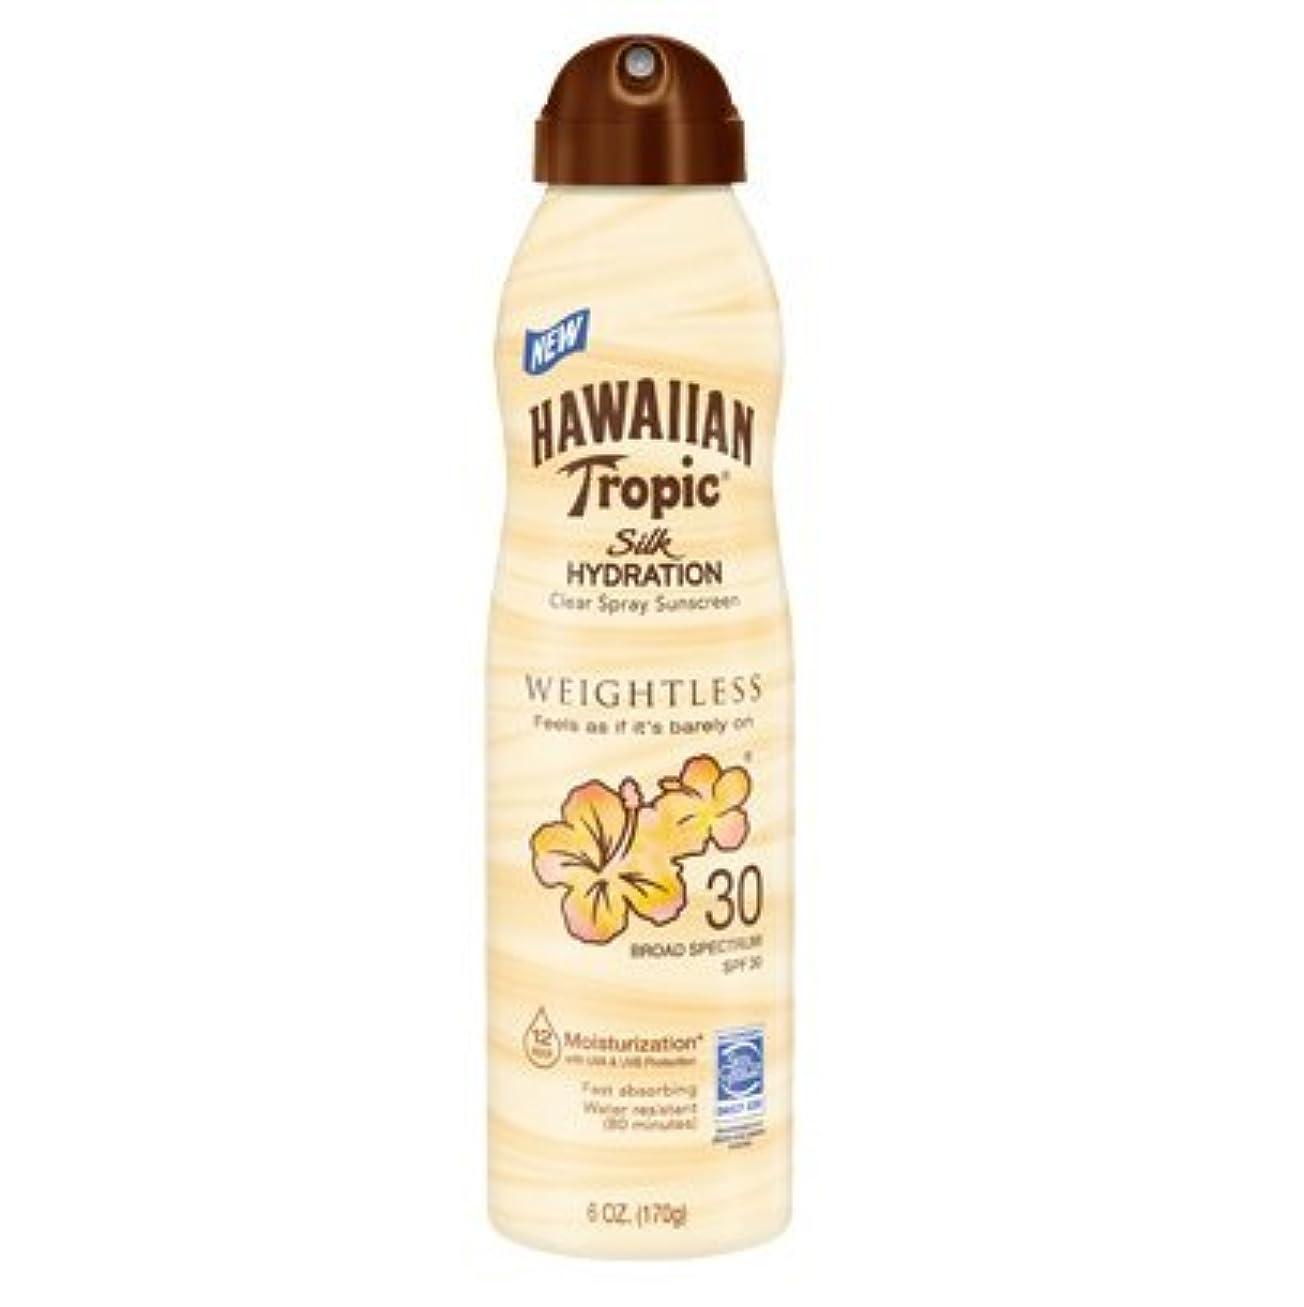 動作絶対の中断【海外直送】ハワイアントロピック 12時間持続 日焼け止めミスト SPF30 (177ml) Hawaiian Tropic Silk Hydration Clear Mist Spray Sunscreen SPF 30, 6 fl oz